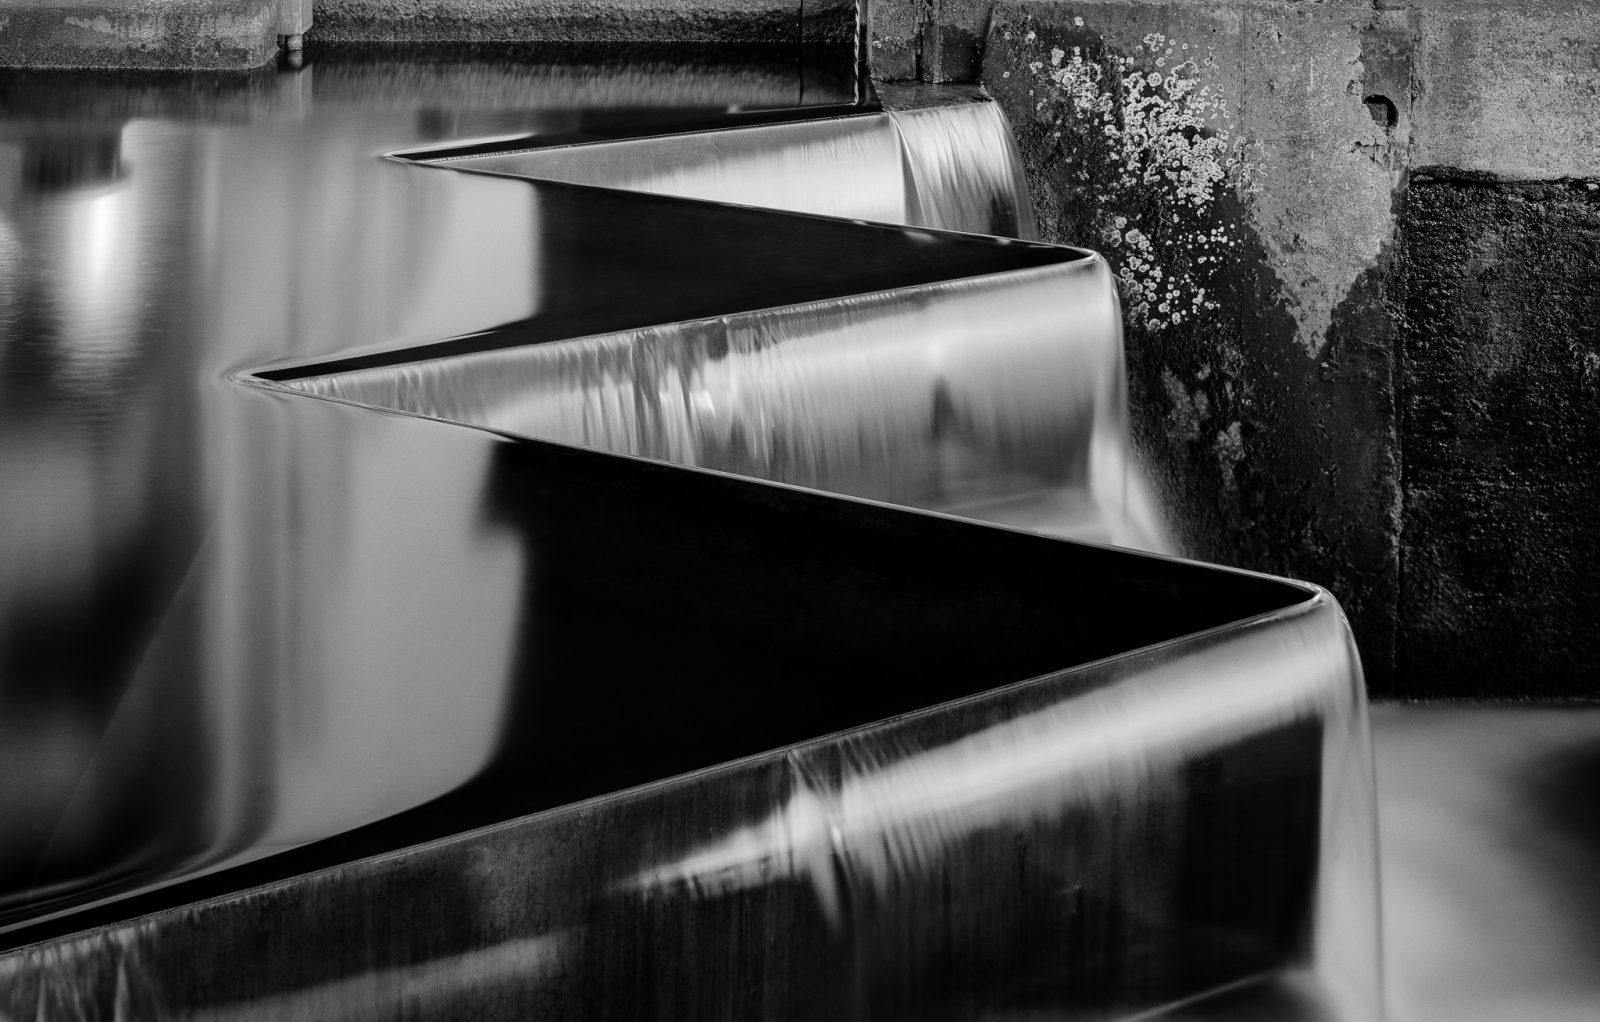 Altering flow characteristics